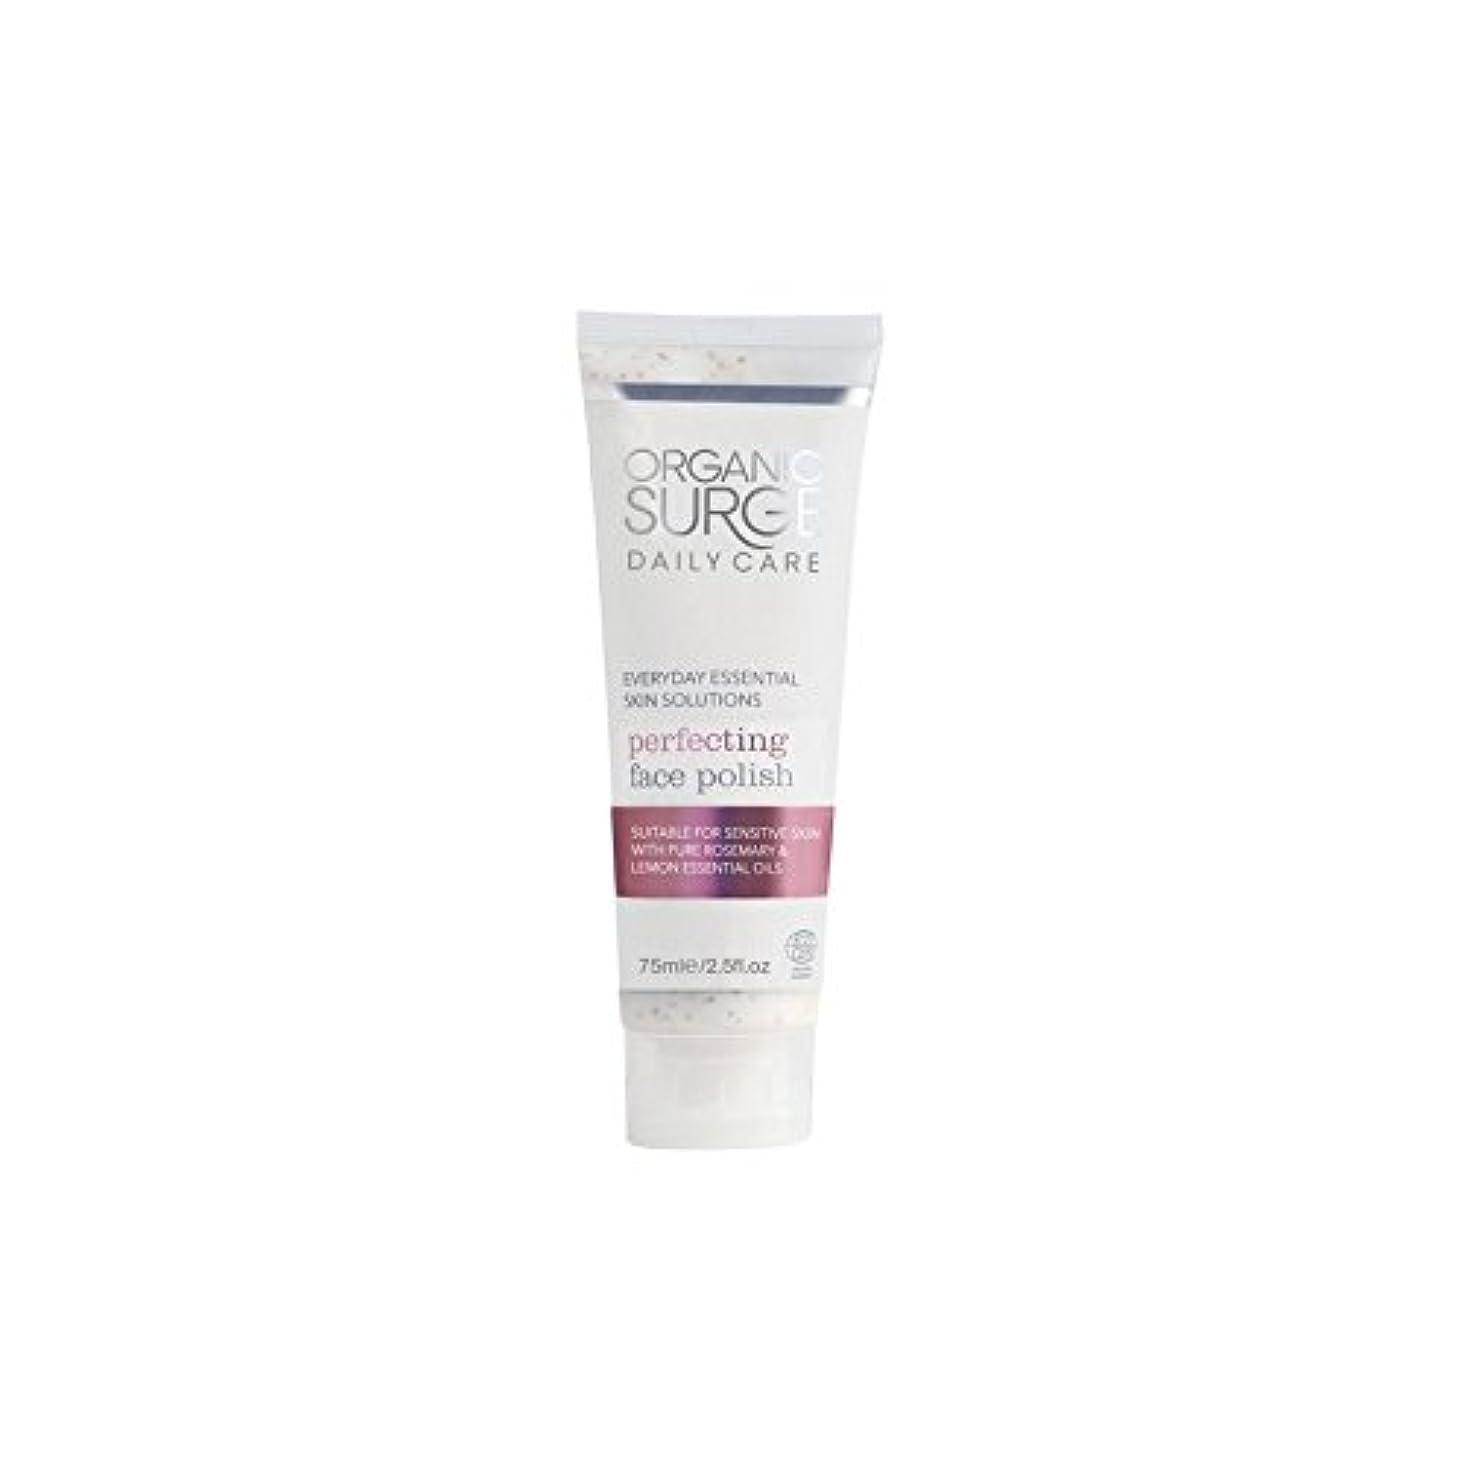 病院ペリスコープサーカス面研磨を完成有機サージ毎日のケア(75ミリリットル) x2 - Organic Surge Daily Care Perfecting Face Polish (75ml) (Pack of 2) [並行輸入品]